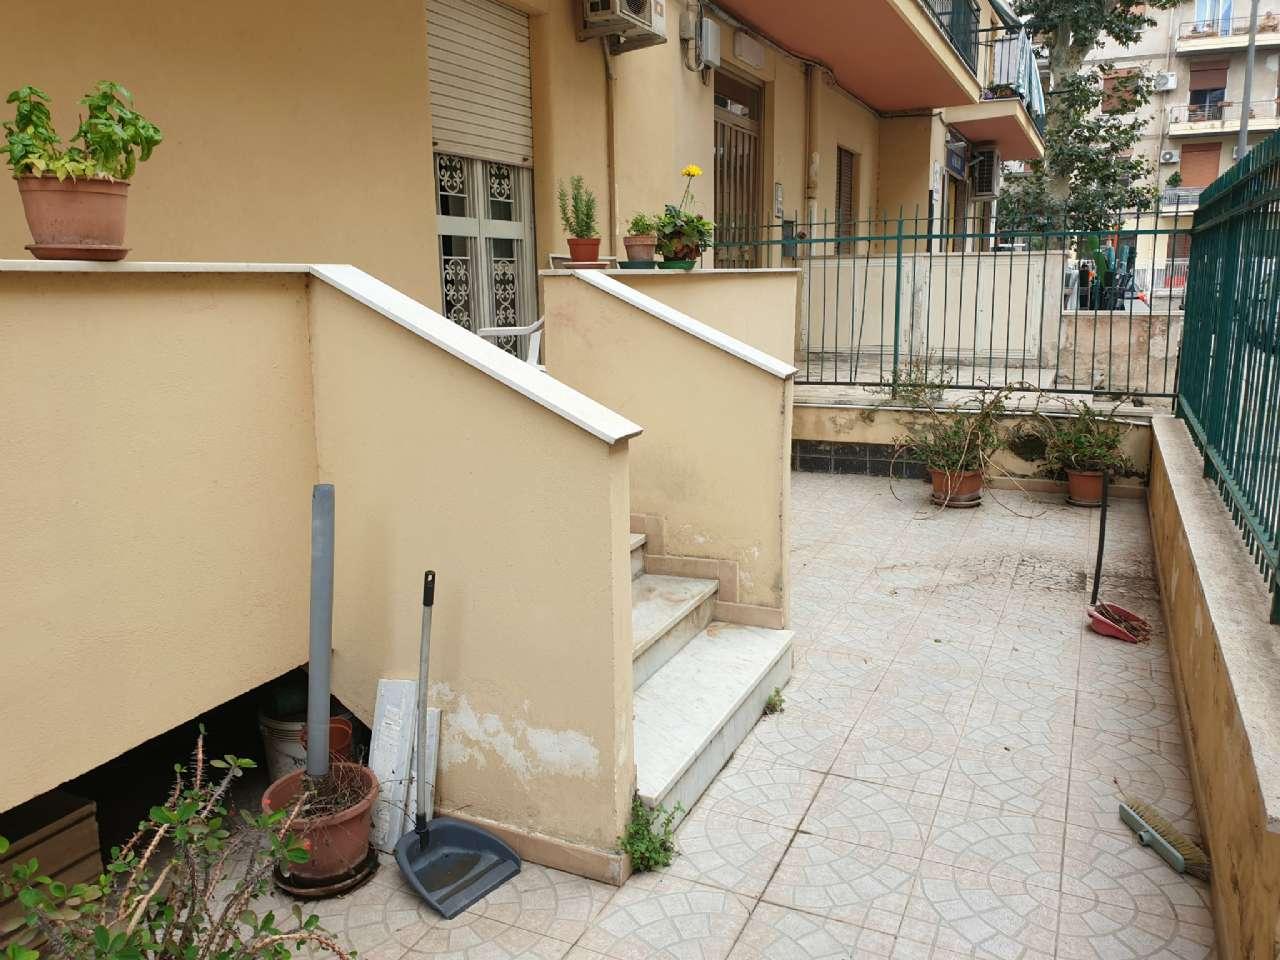 Trilocale, Via Lo Monaco Ciaccio Antonino, Zona Uditore, Palermo, foto 10